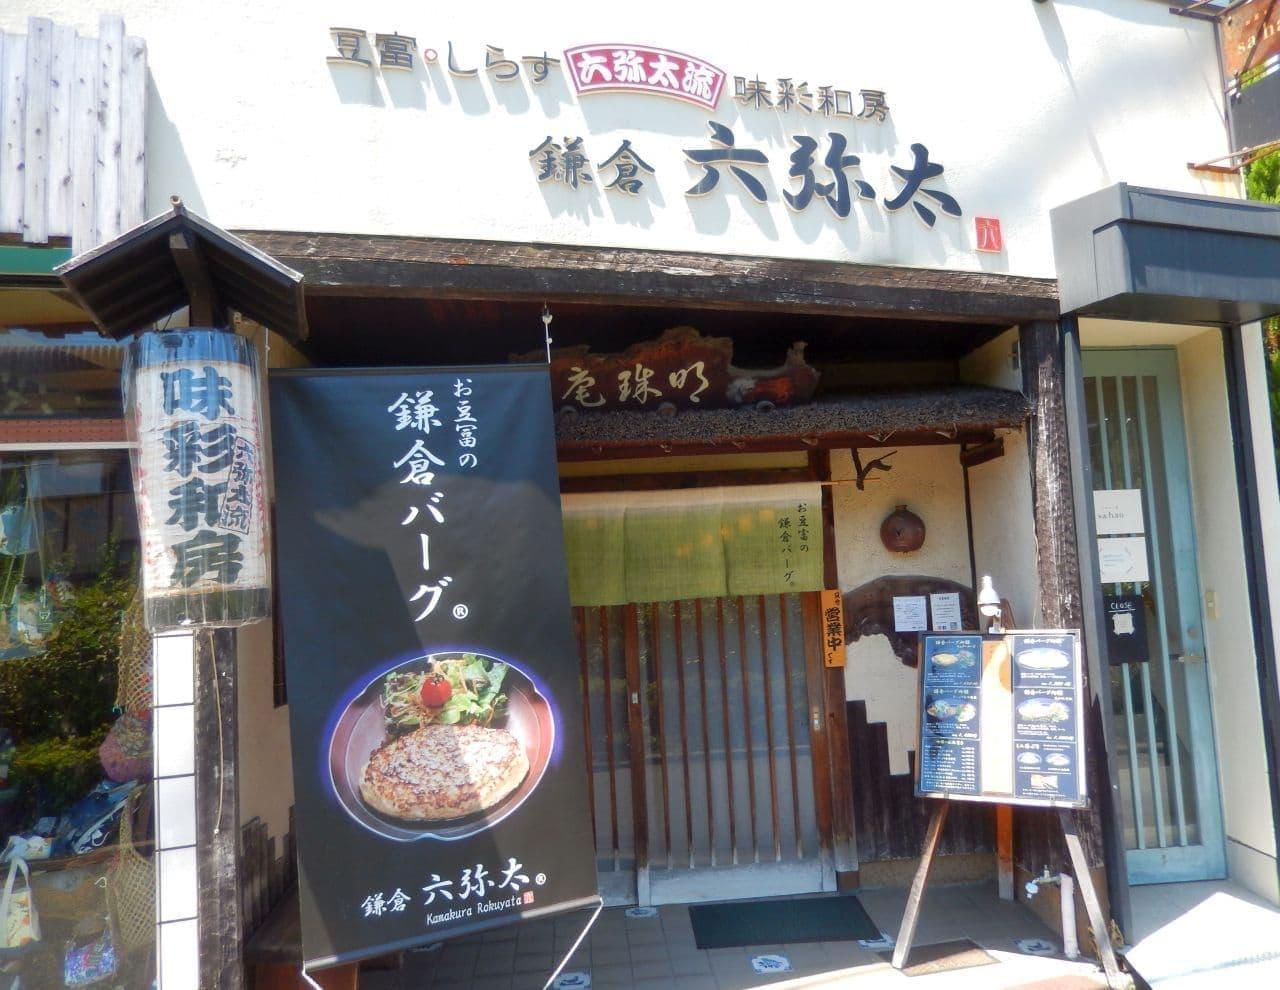 鎌倉の「六弥太」